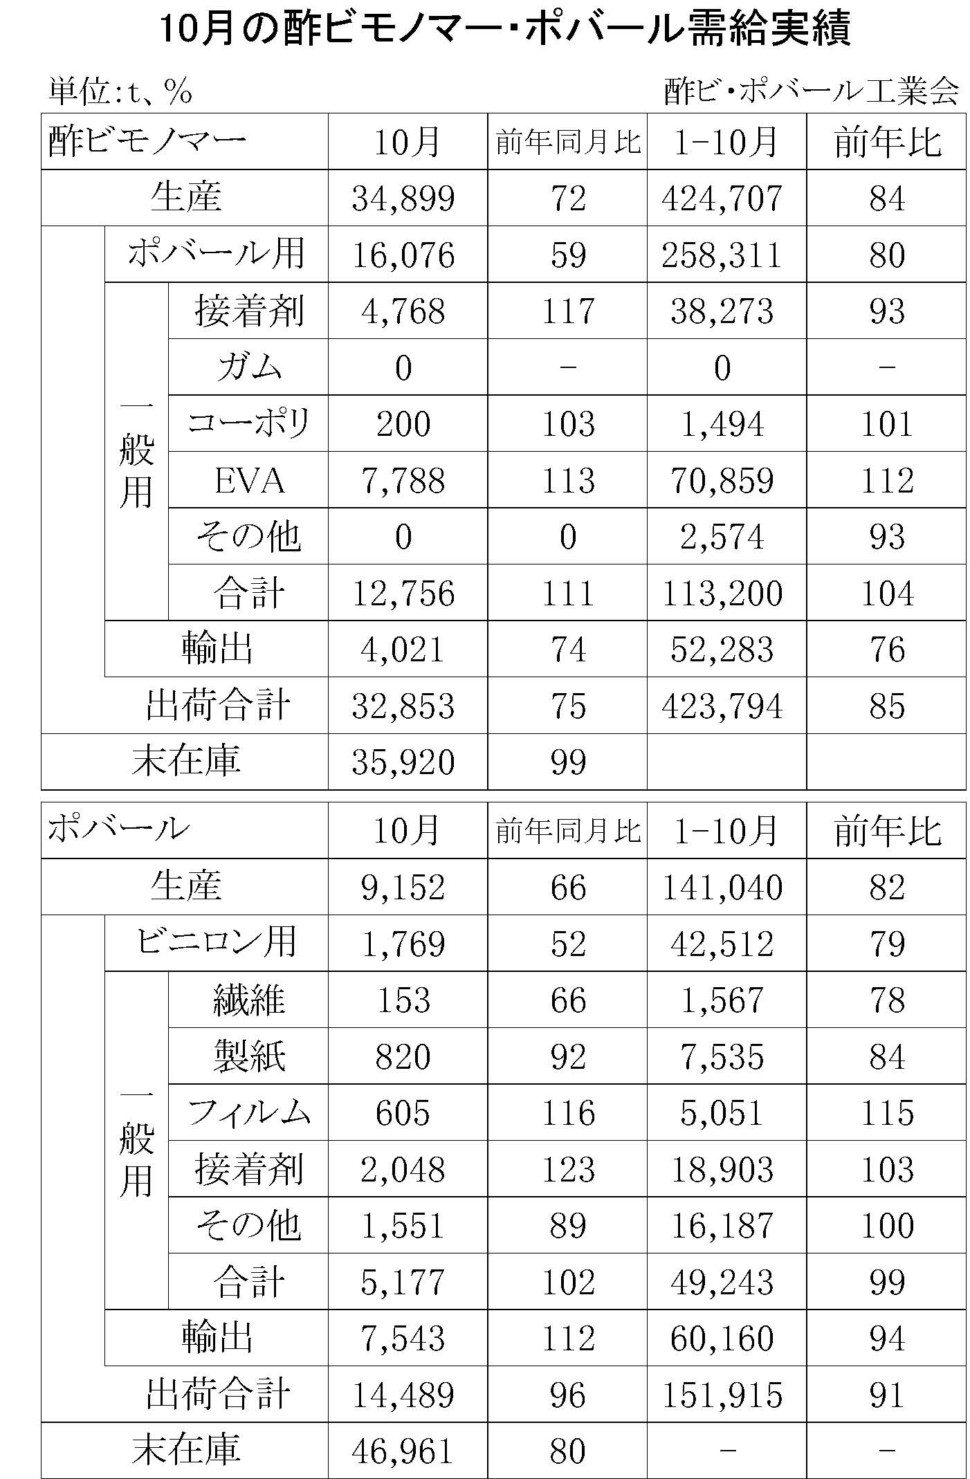 10月の酢ビモノマー・ポバール需給実績